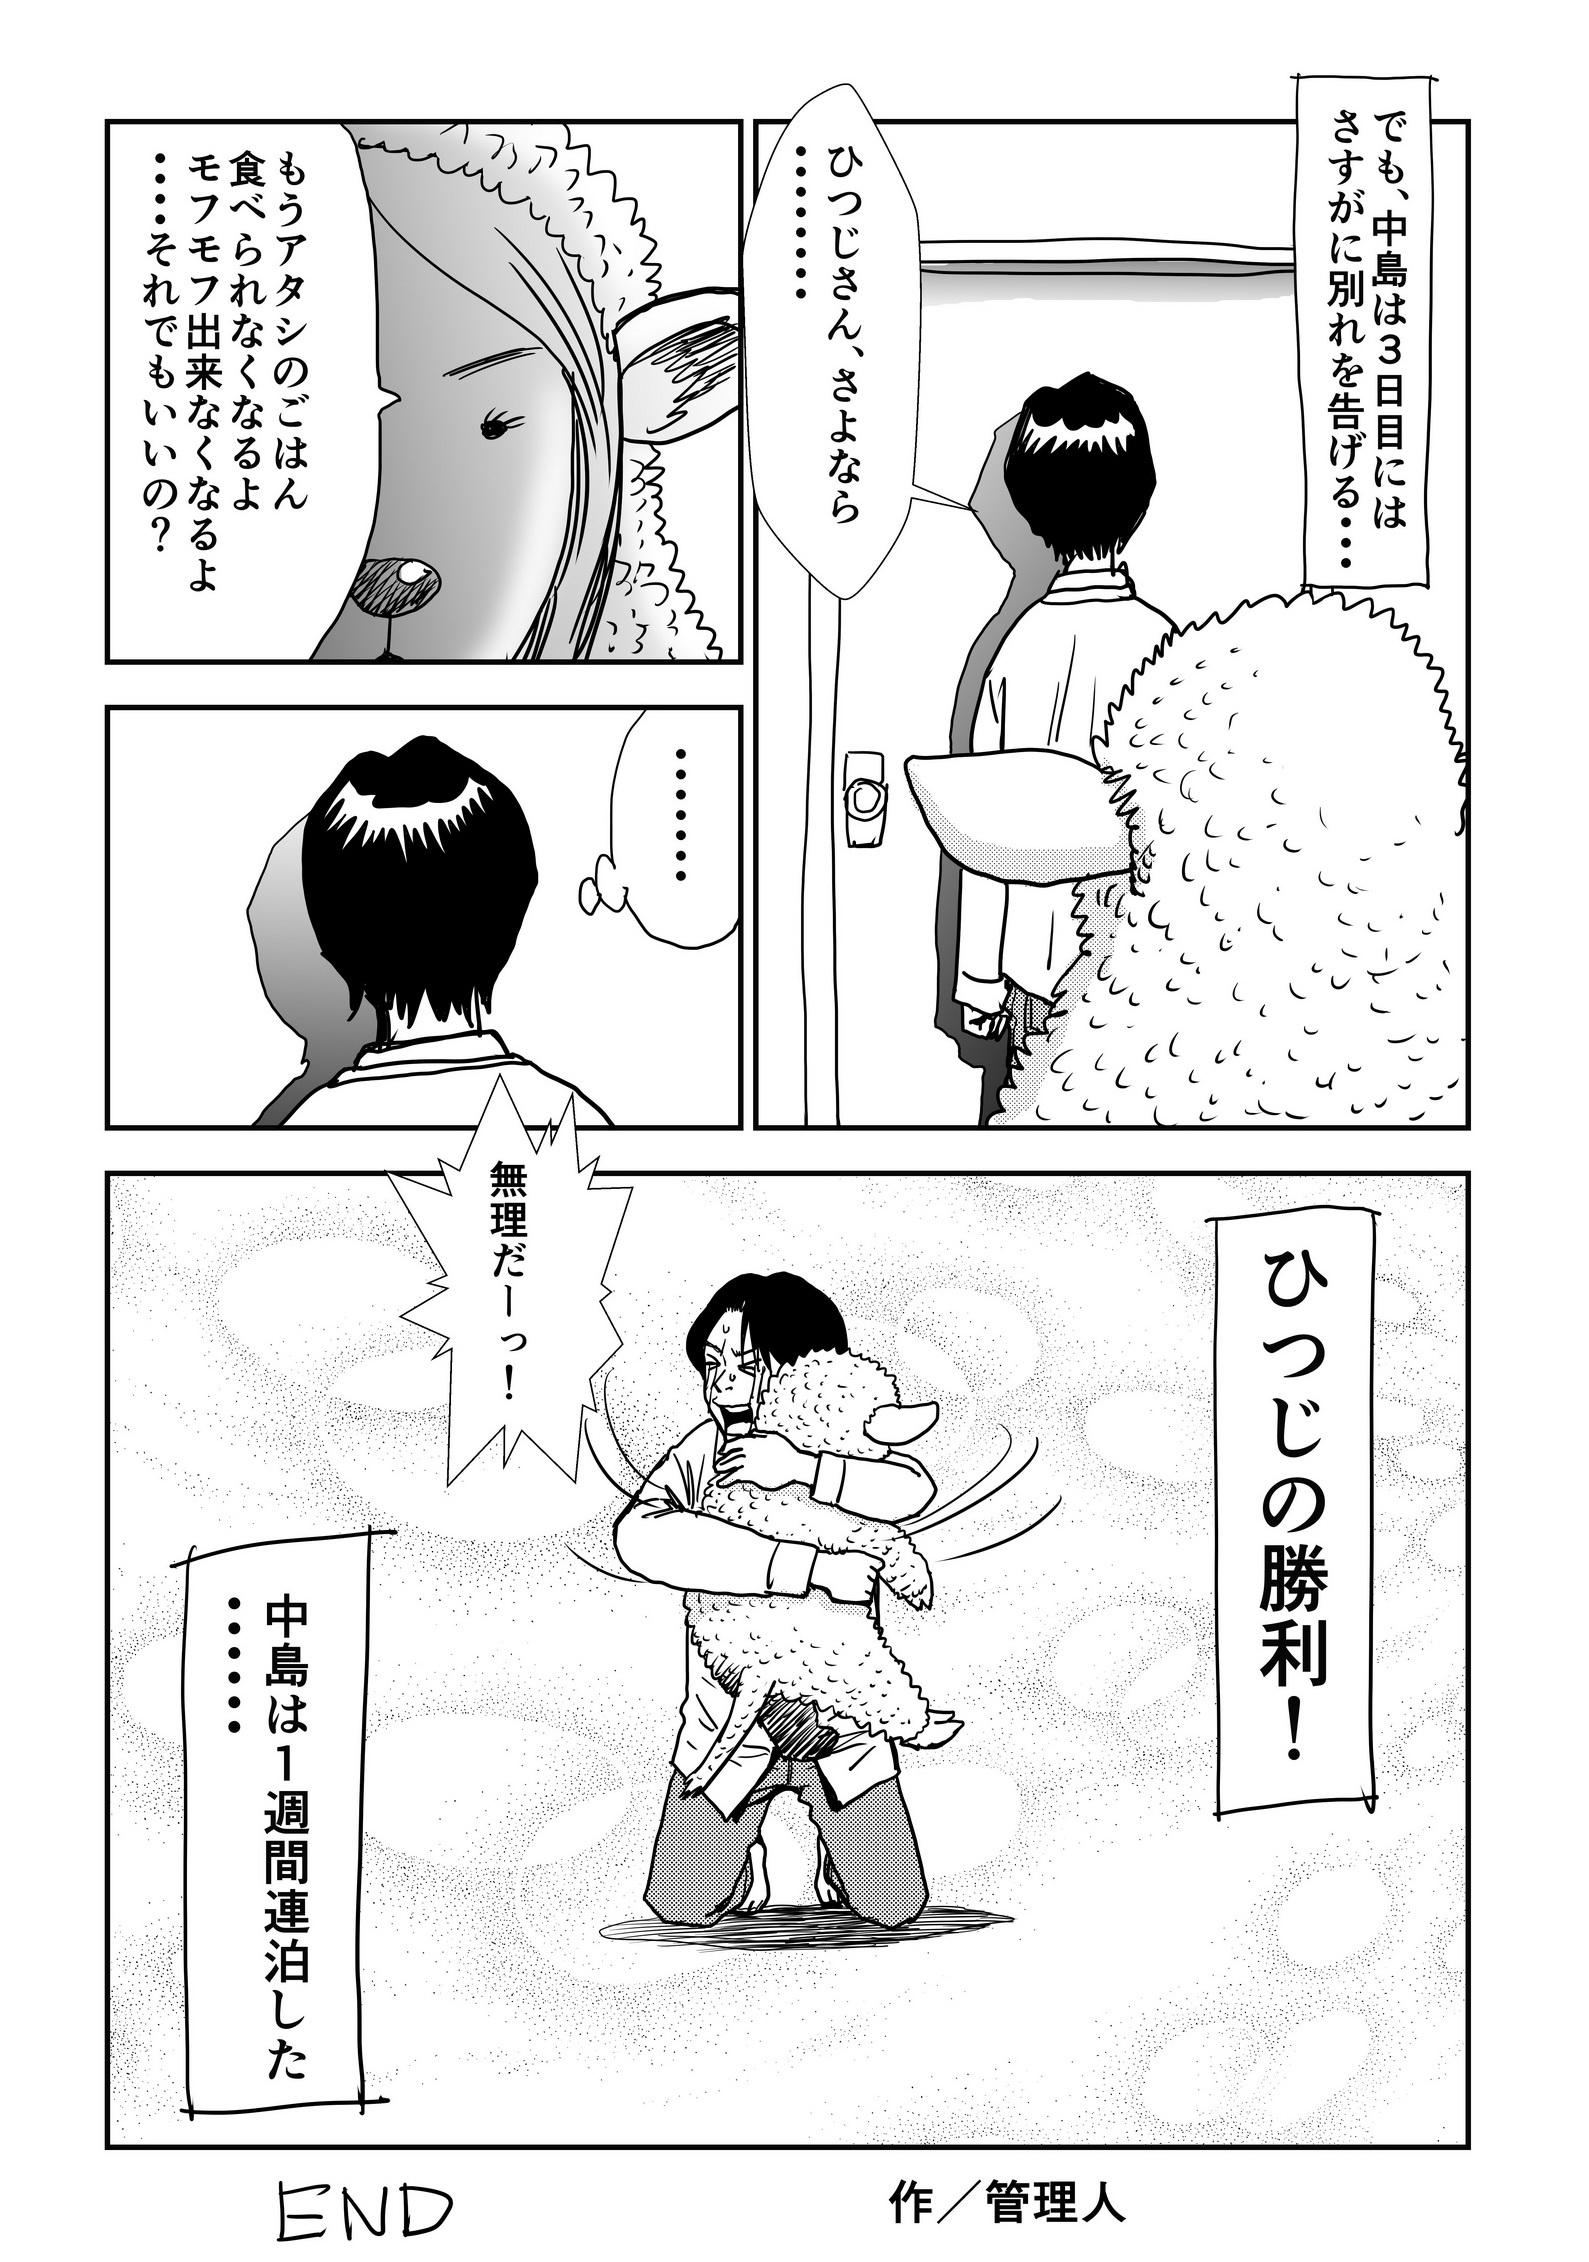 マンガ中島裕翔と吉田羊p04